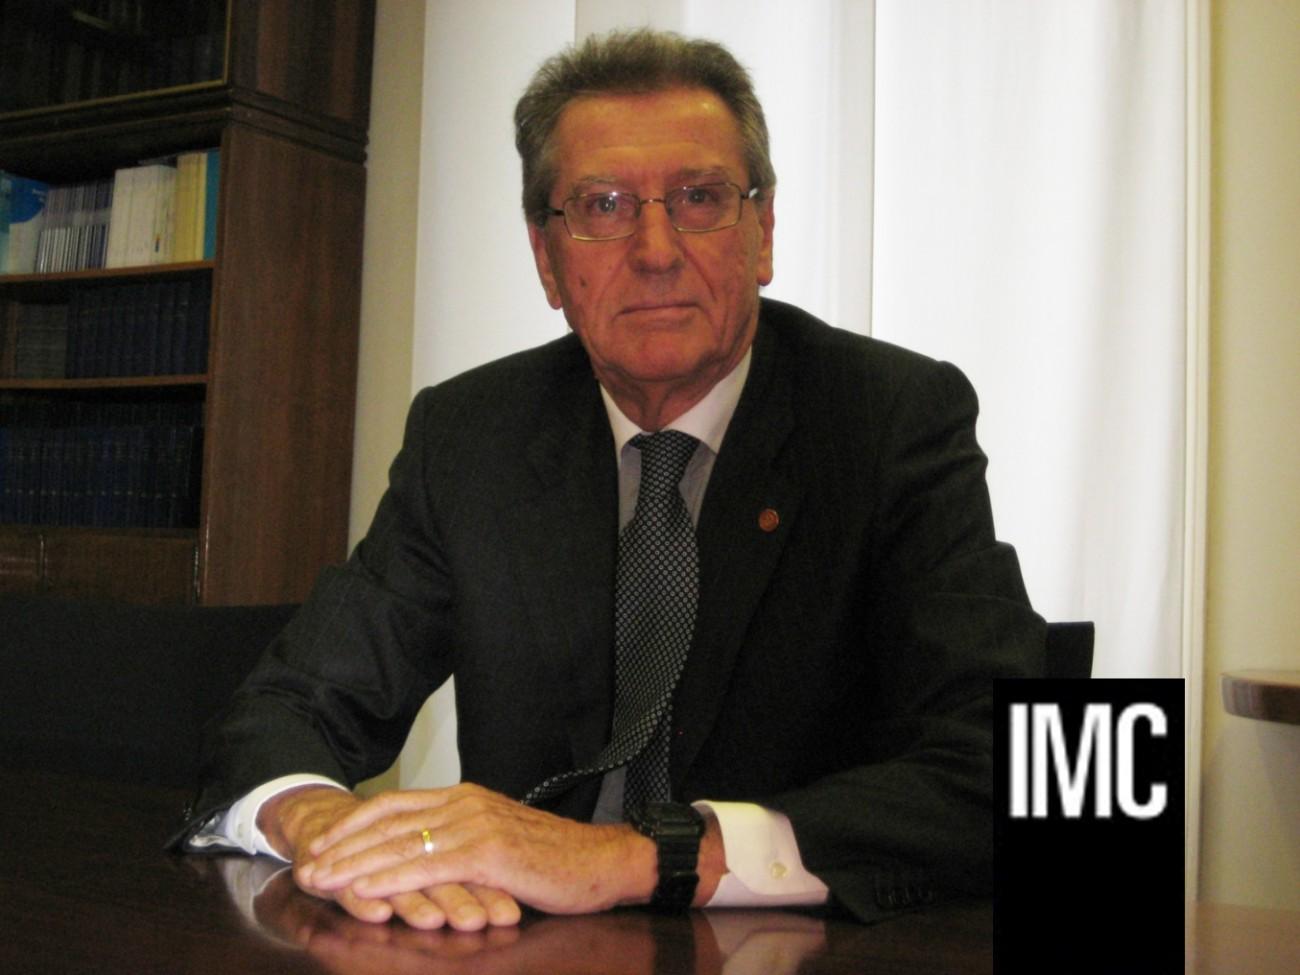 Cineas, Adolfo Bertani lascia le cariche operative e viene proclamato Presidente Onorario del Consorzio